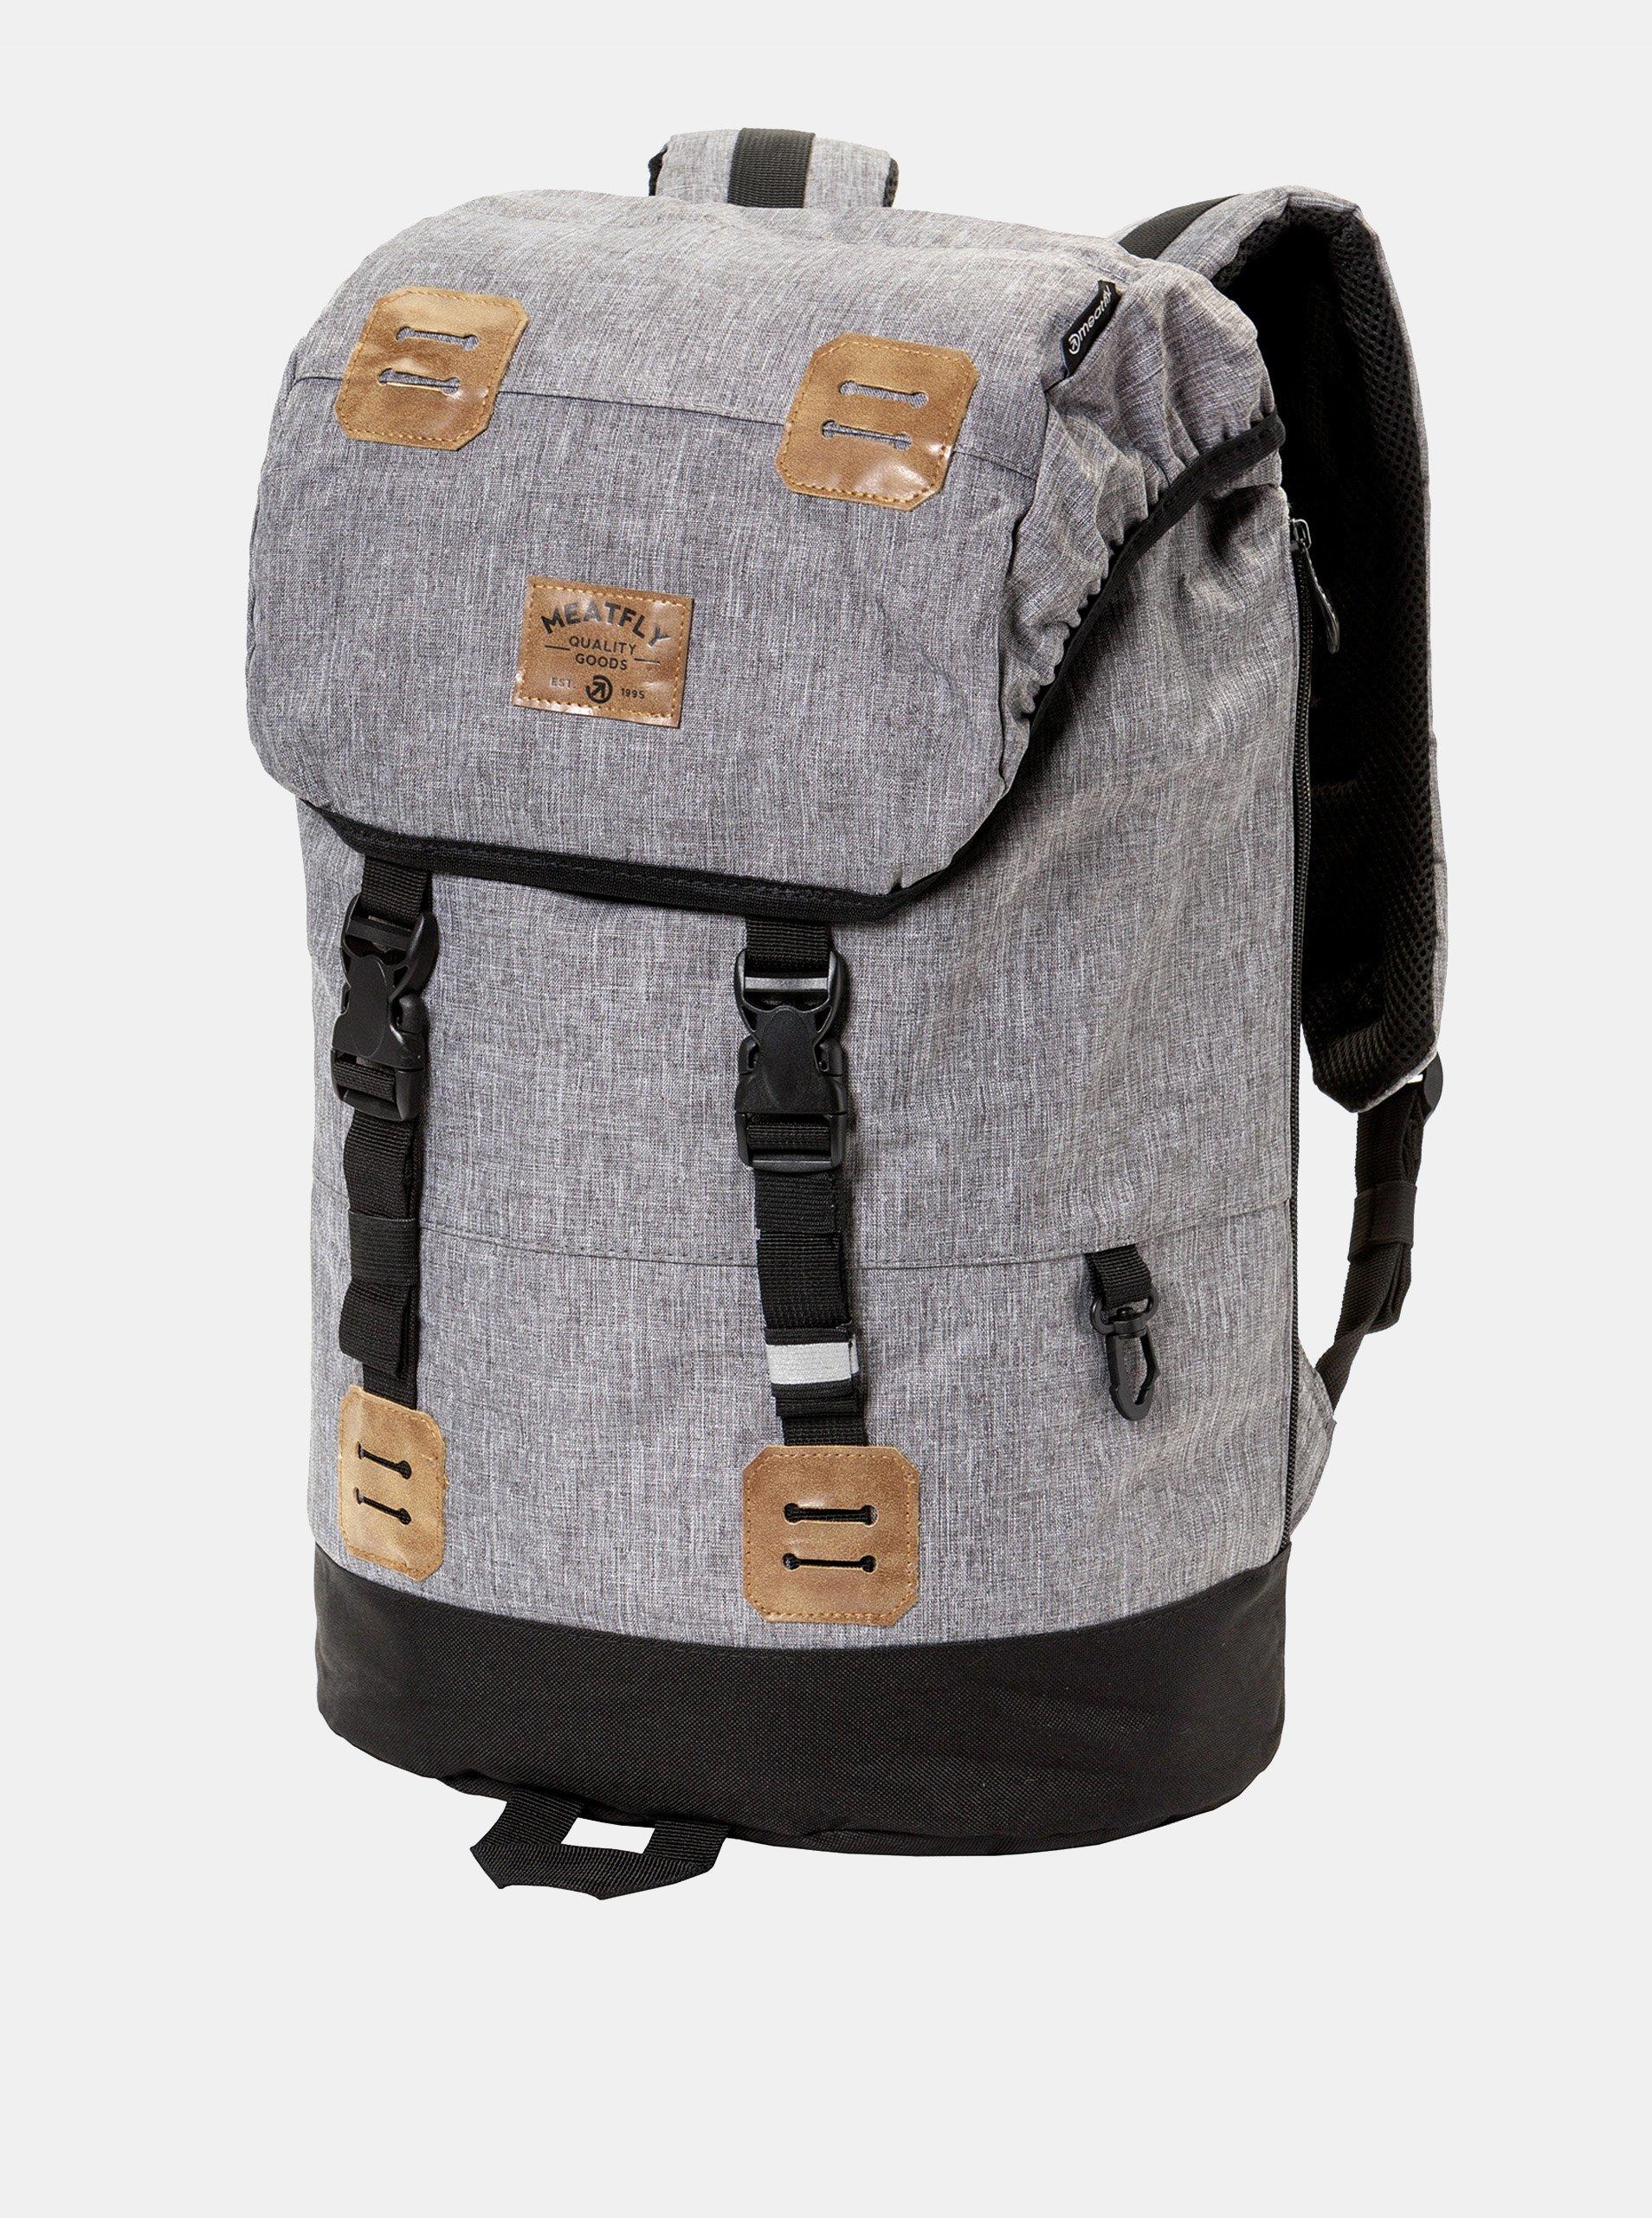 Šedý žíhaný batoh s pláštěnkou Meatfly 26 l